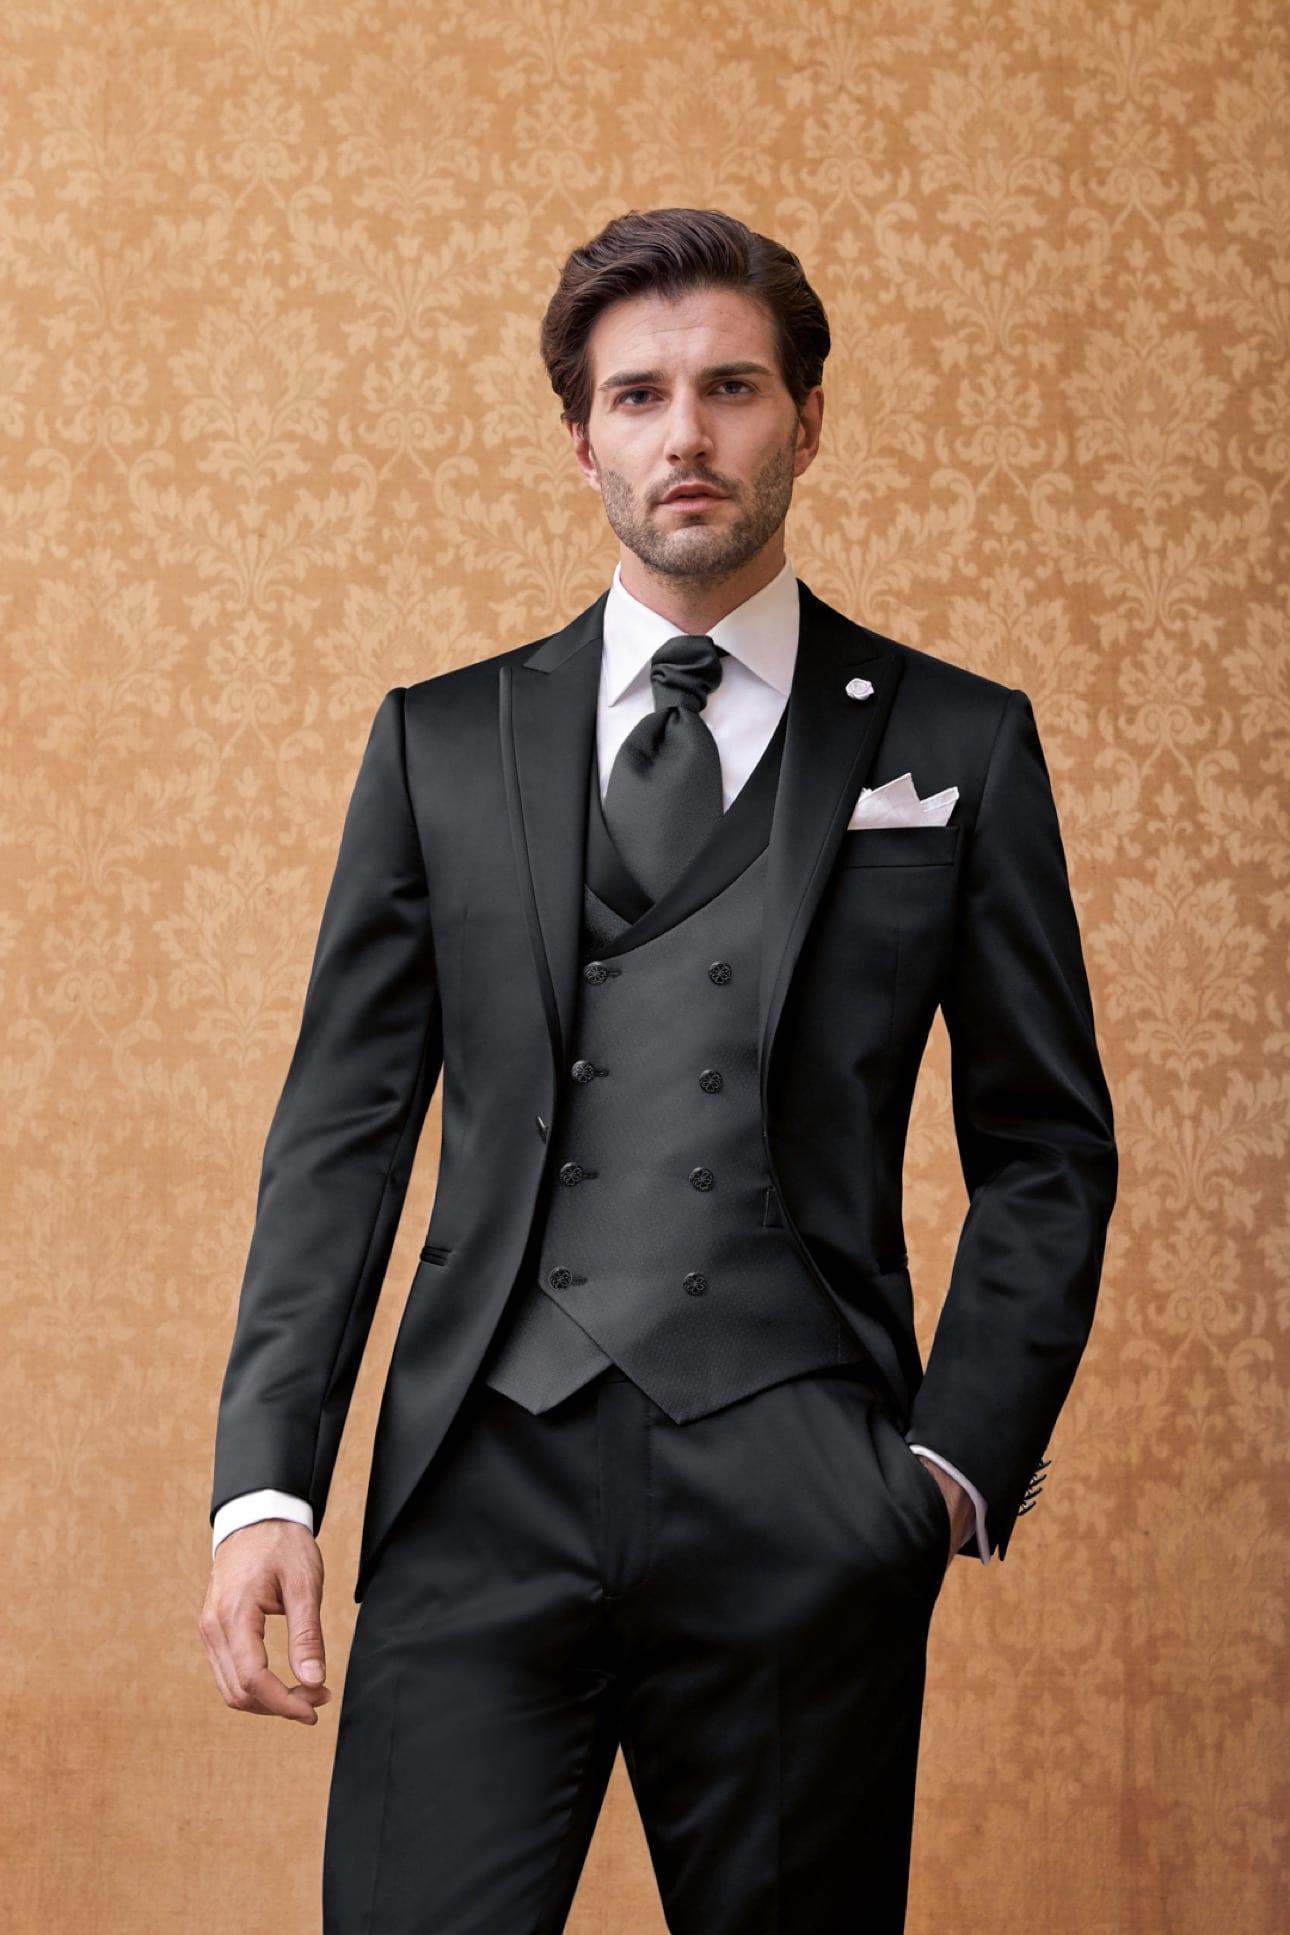 best service dc3a5 d6169 Lubiam abiti da sposo collezione cerimonia uomo | GIL MODA